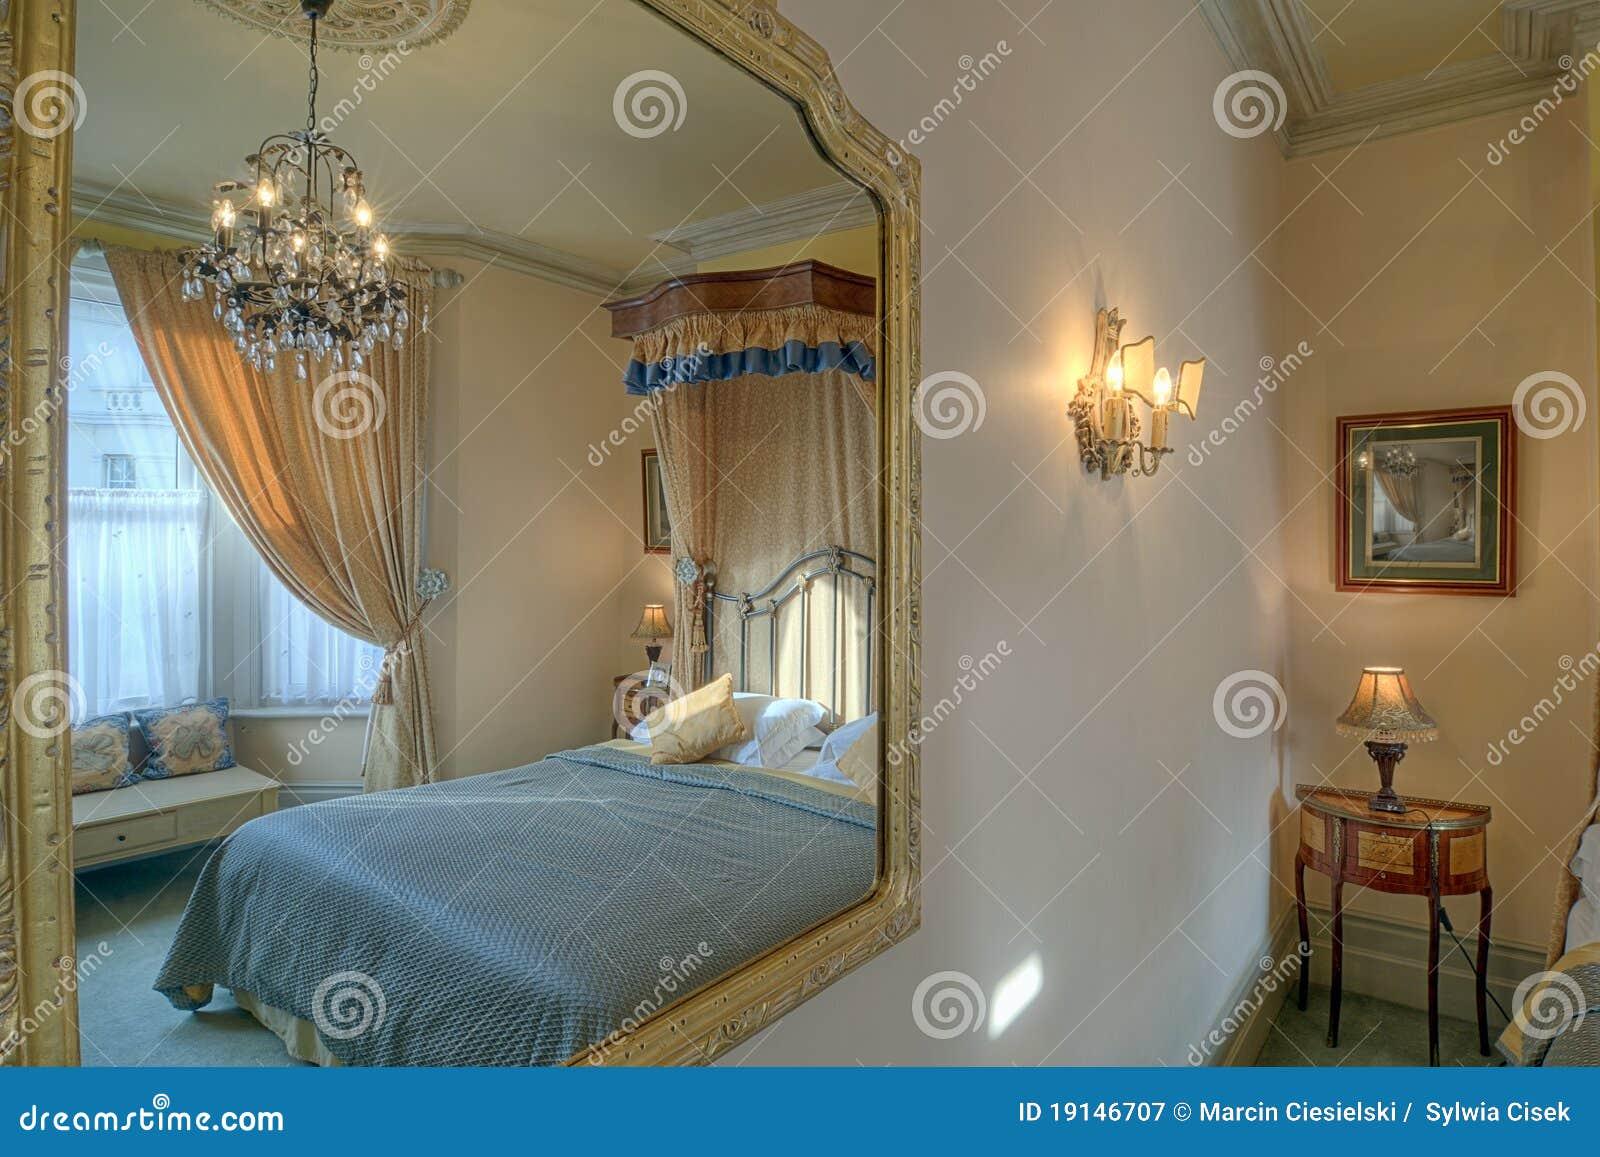 Schlafzimmer In Einem Spiegel Stockbild - Bild von gold ...